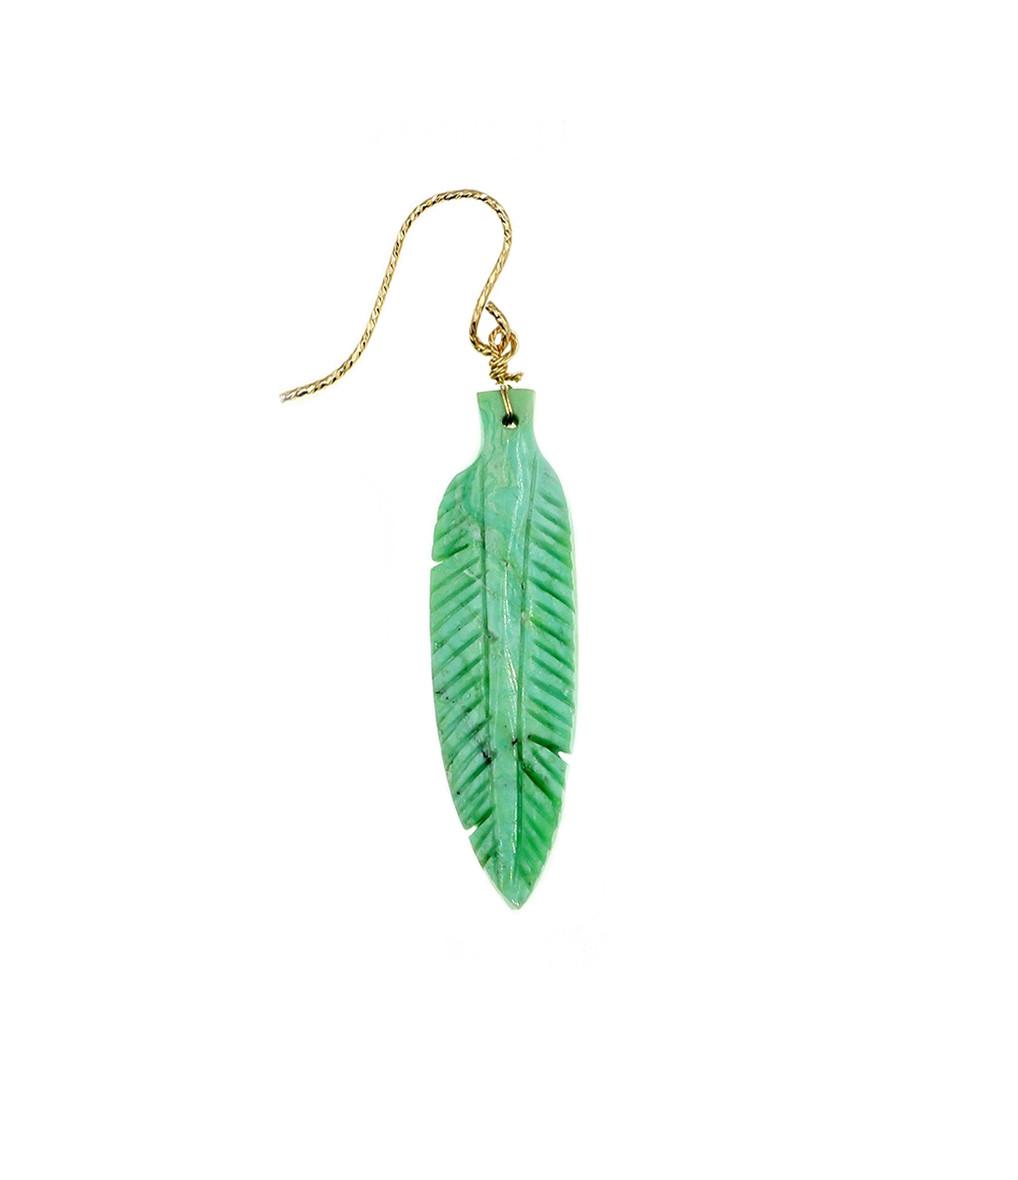 MON PRECIEUX GEM - Boucle d'oreille Plume Turquoise (vendue à l'unité)